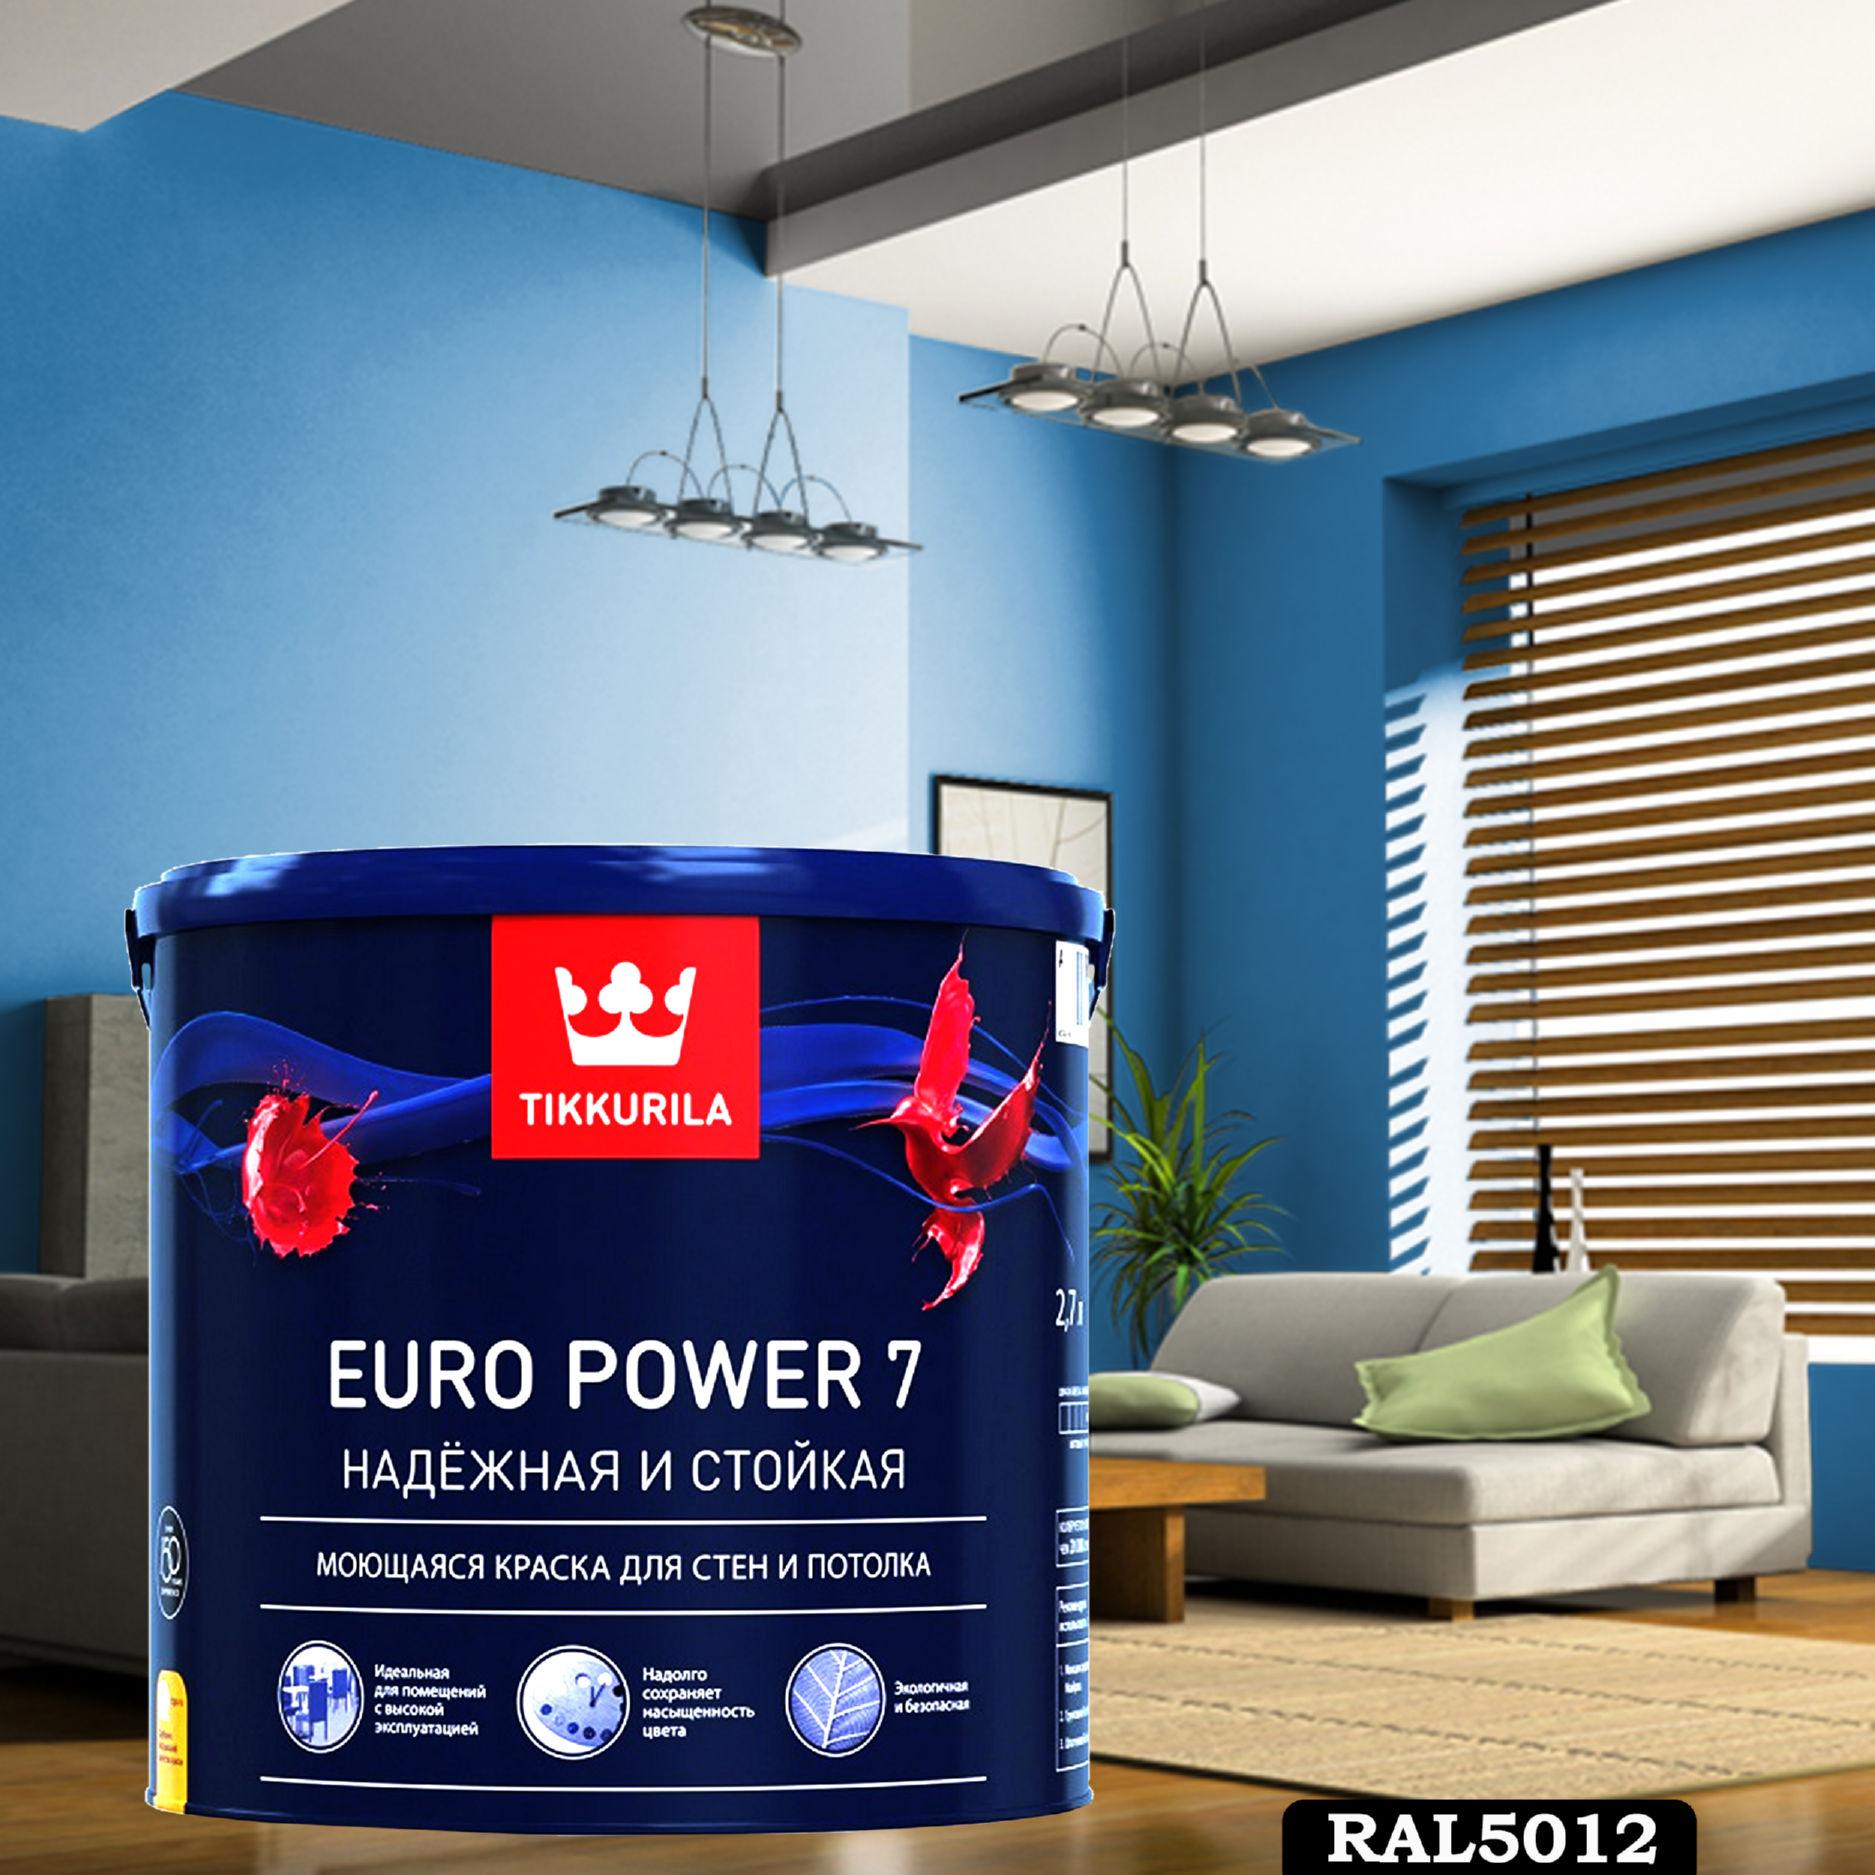 Фото 12 - Краска TIKKURILA Euro Power 7,  RAL 5012 Голубой, латексная моющаяся матовая интерьерная, 9 л.